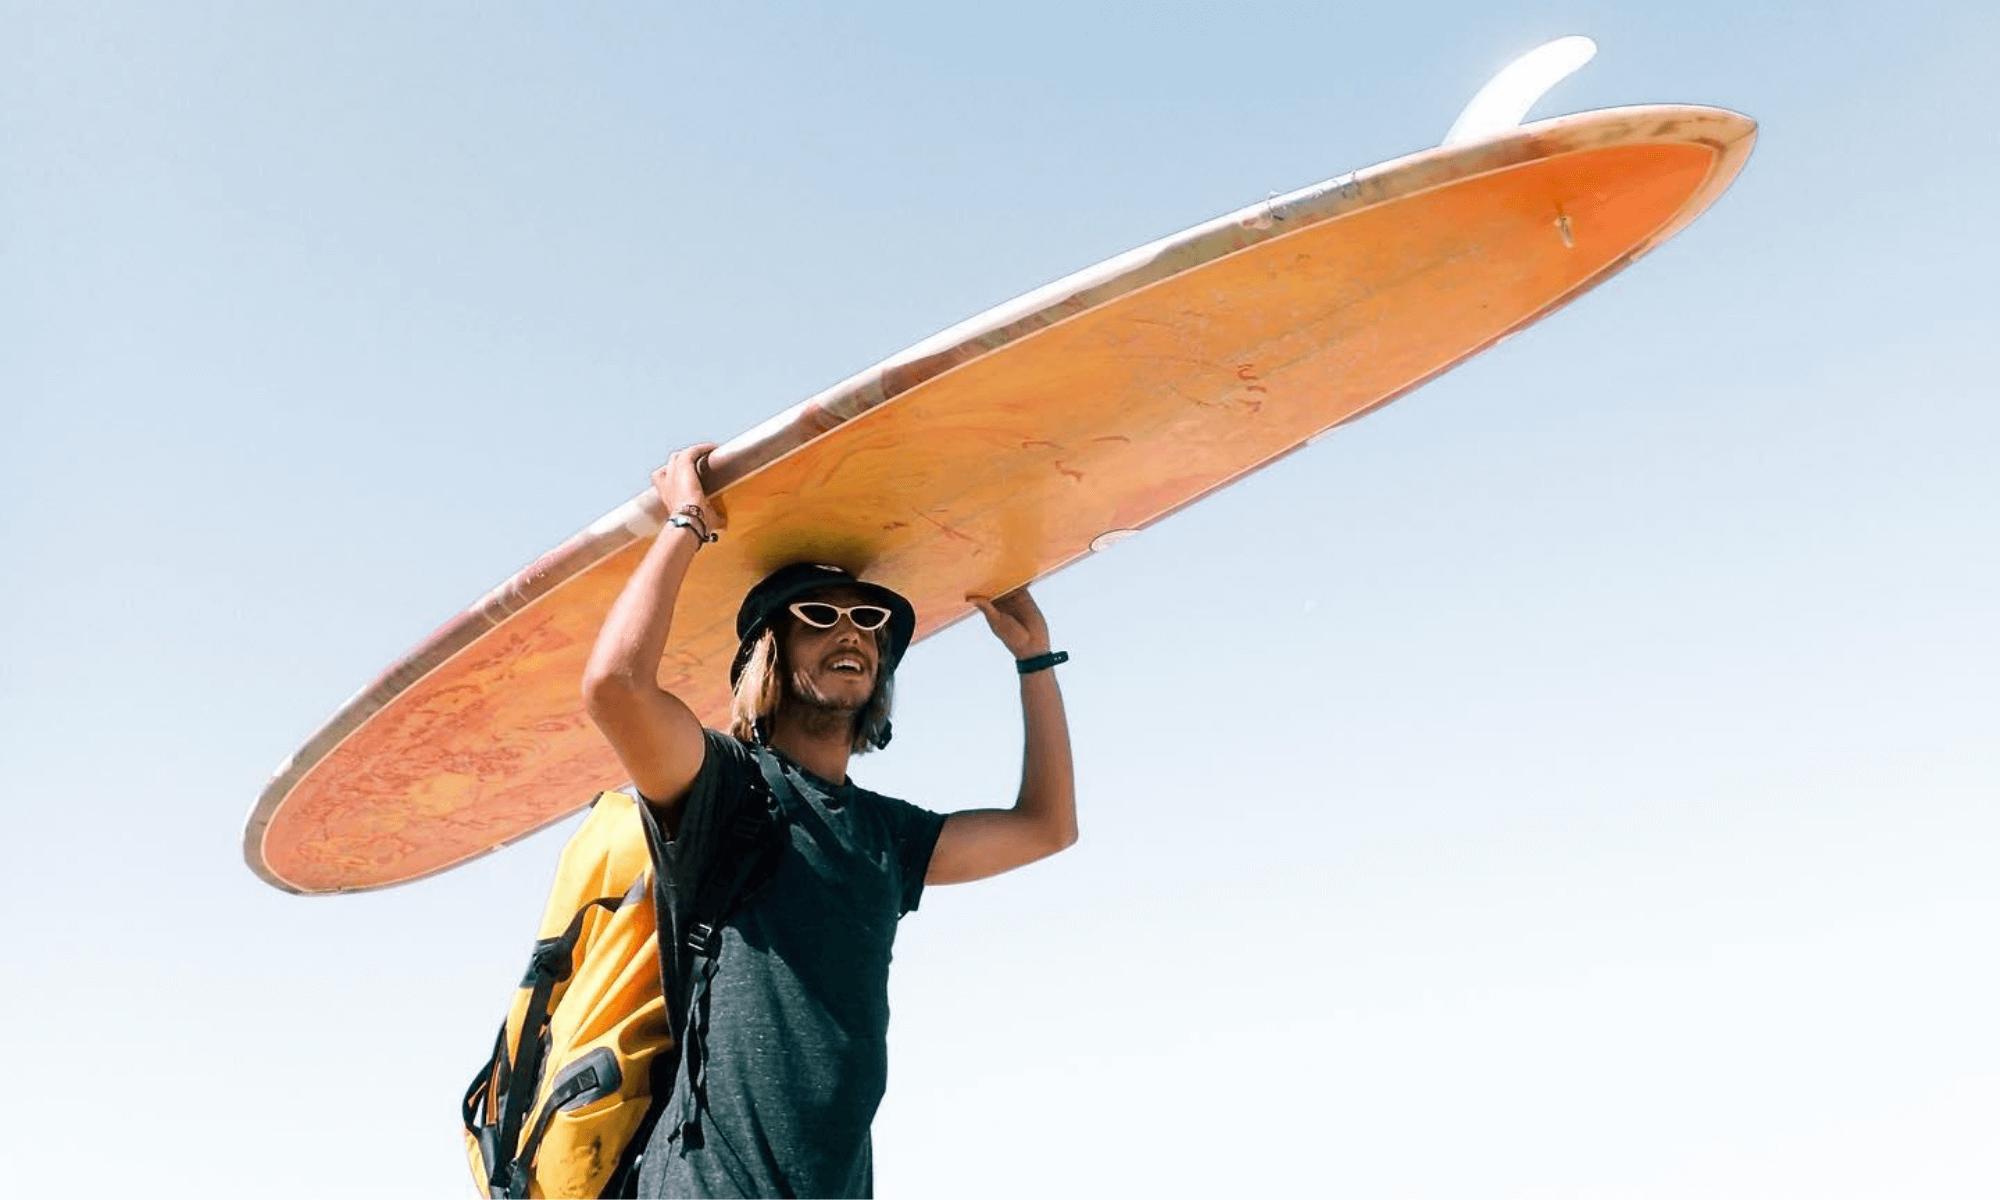 Campamentos de surf un nuevo concepto de viajes y aventura para descubrir en diferentes puntos del mundo 1